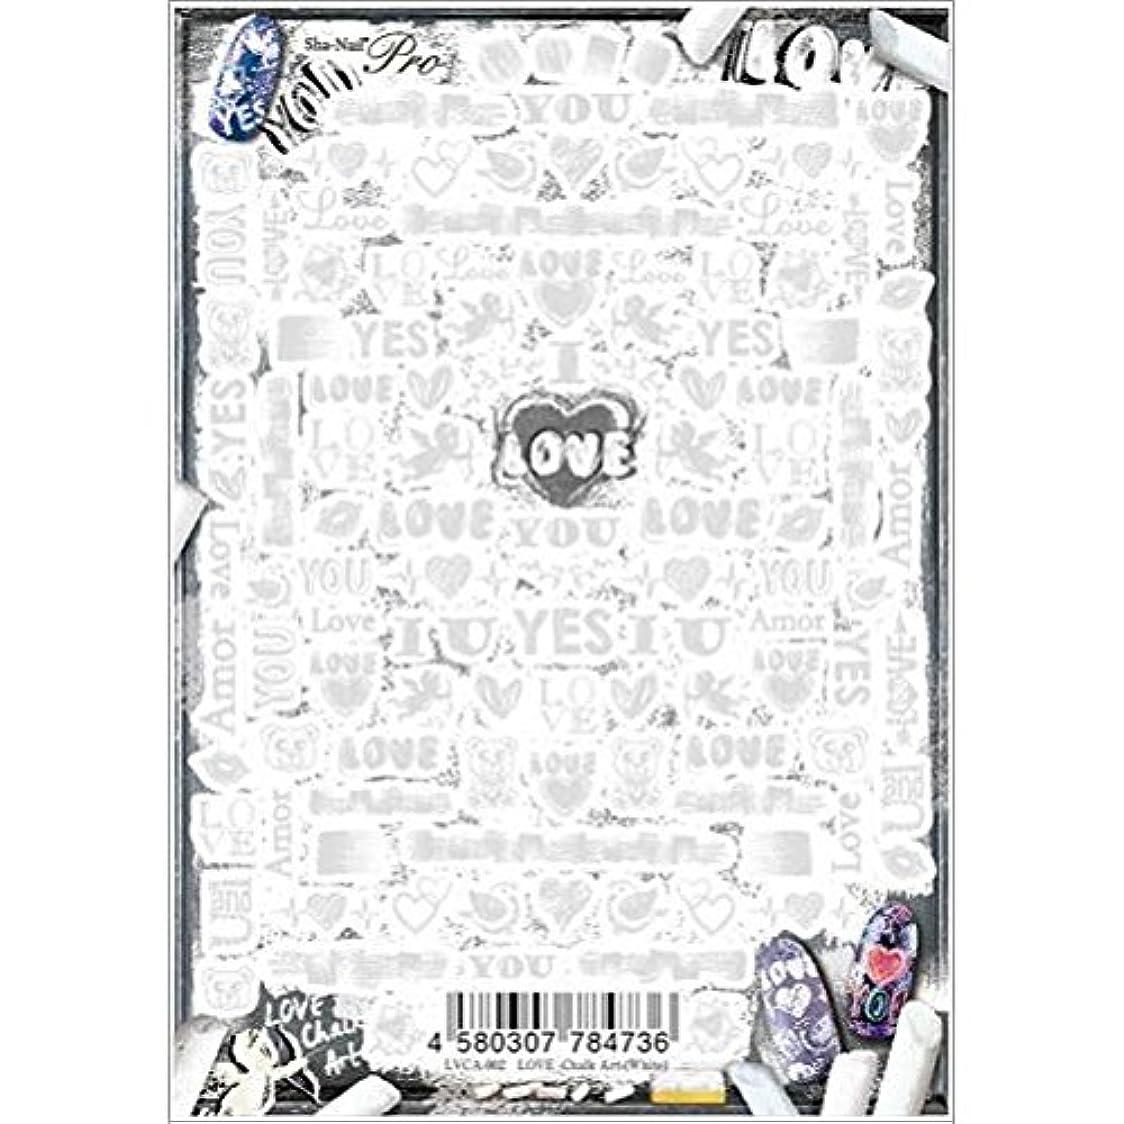 遠洋の未満騒Sha-Nail Pro ネイルシール ラブ-チョークアート-(ホワイト) LVCA-002